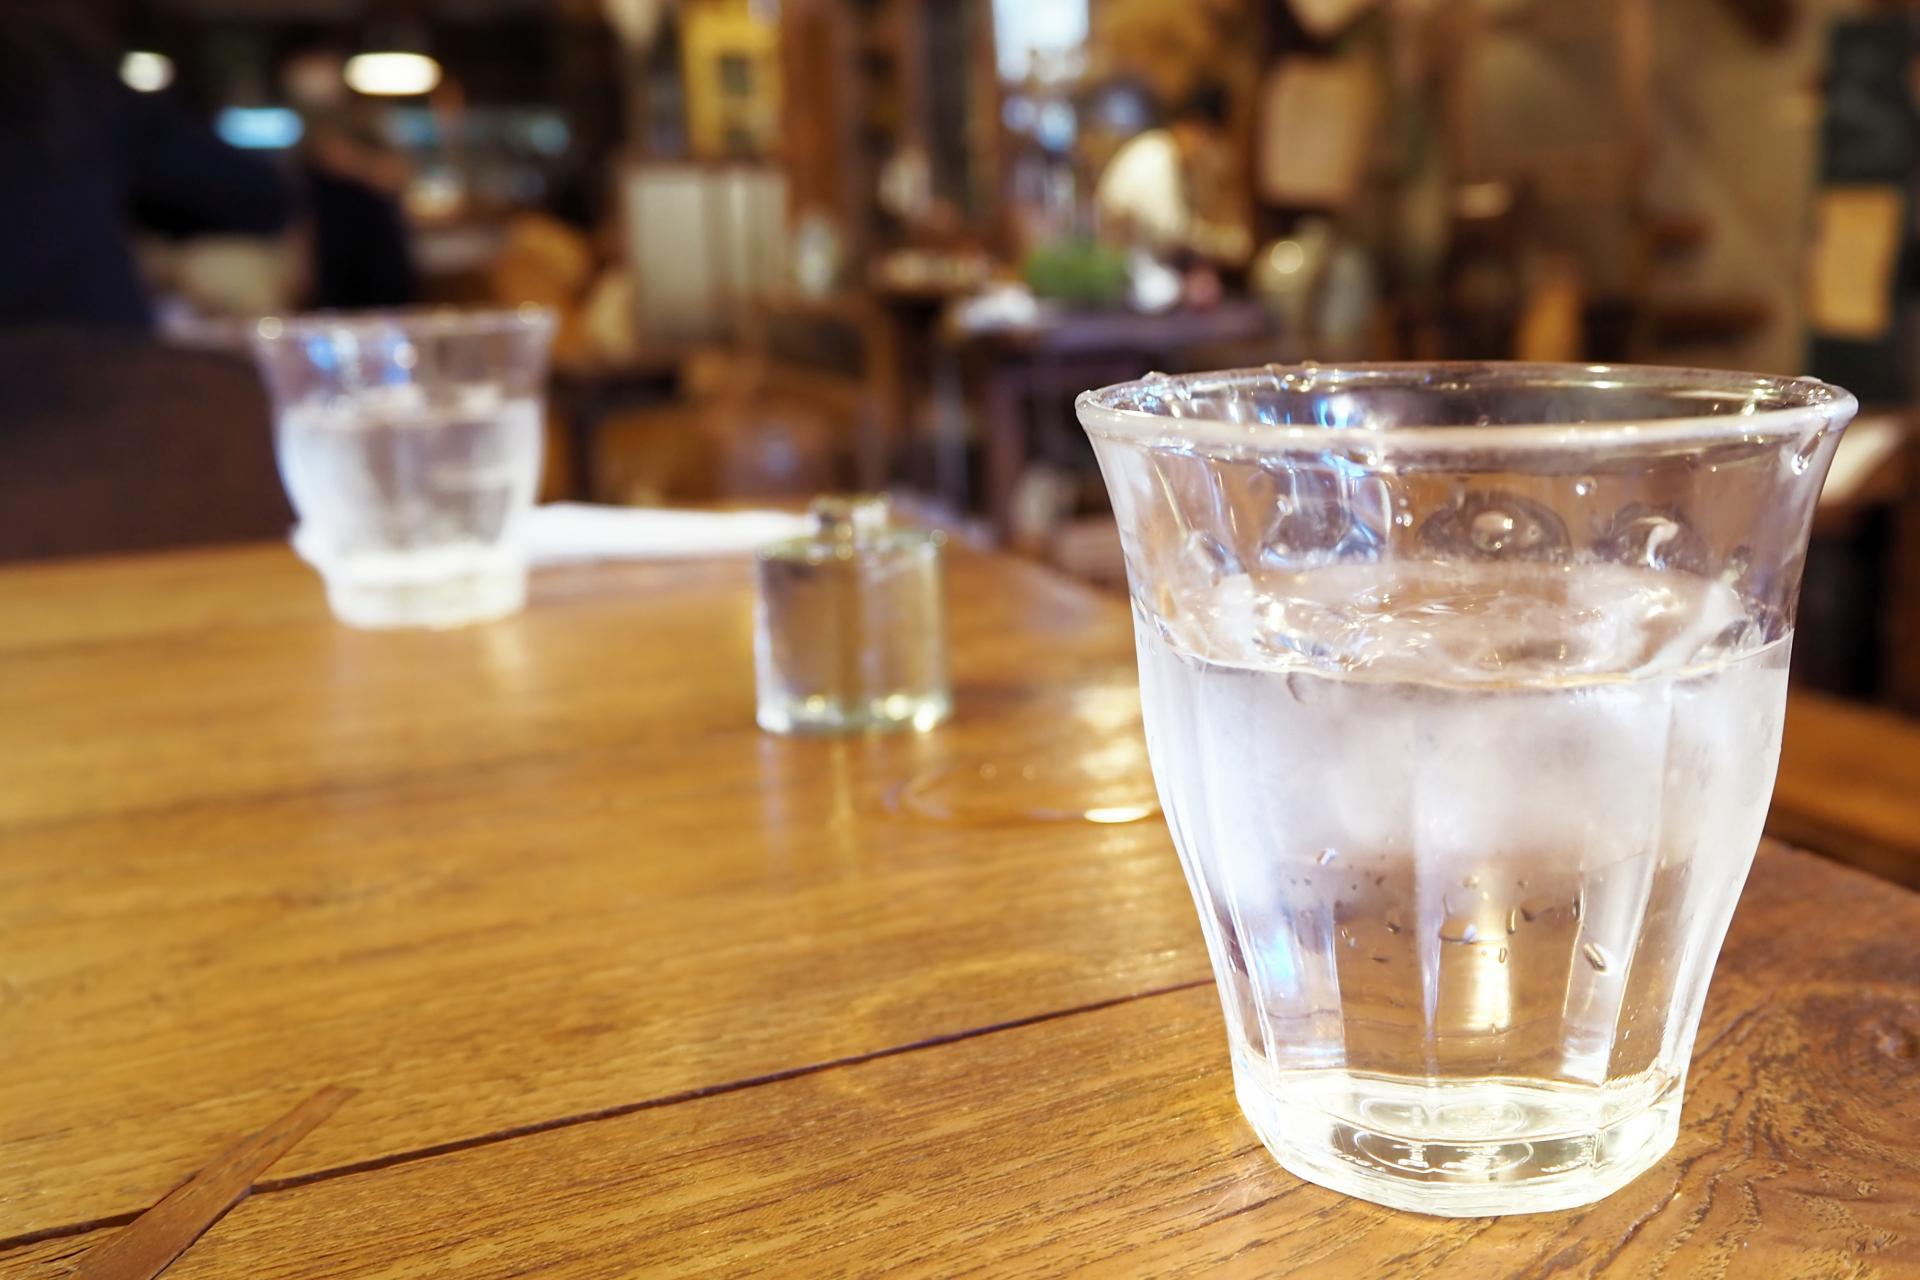 あなたが飲んだ水は、いつ排出される?